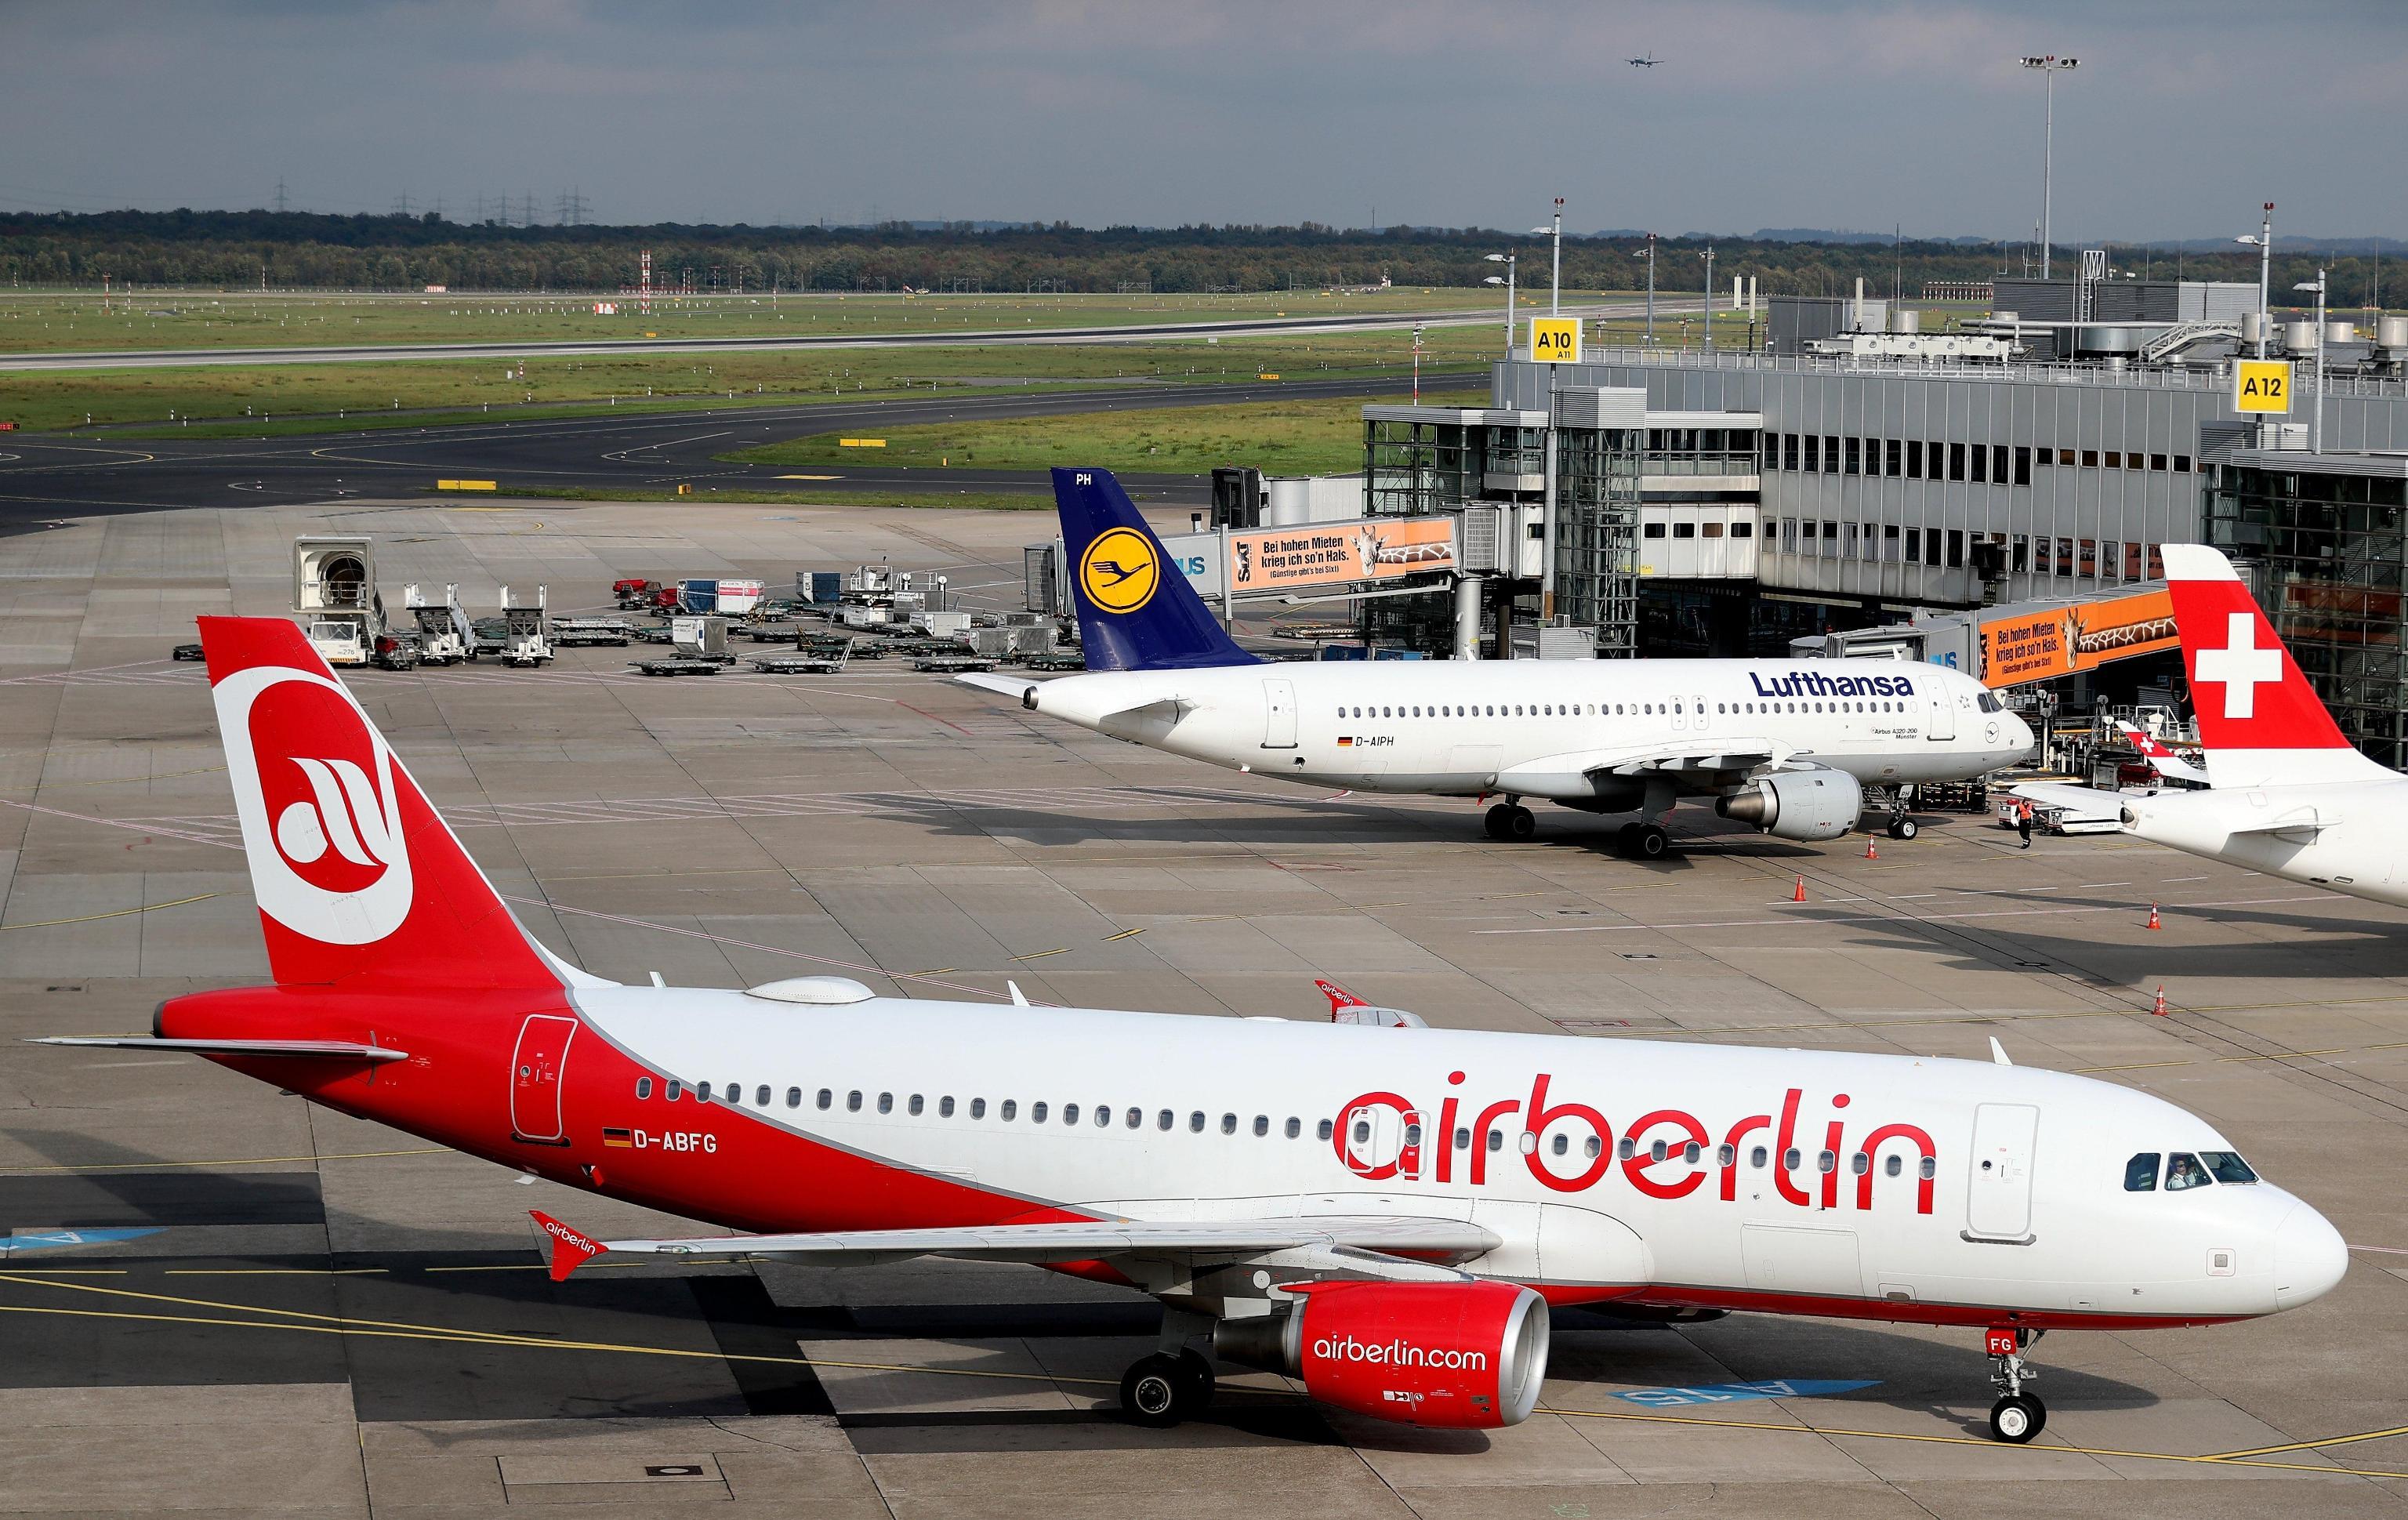 Viaggiare in aereo costerà fino a 4 euro di più: nuova tassa in arrivo